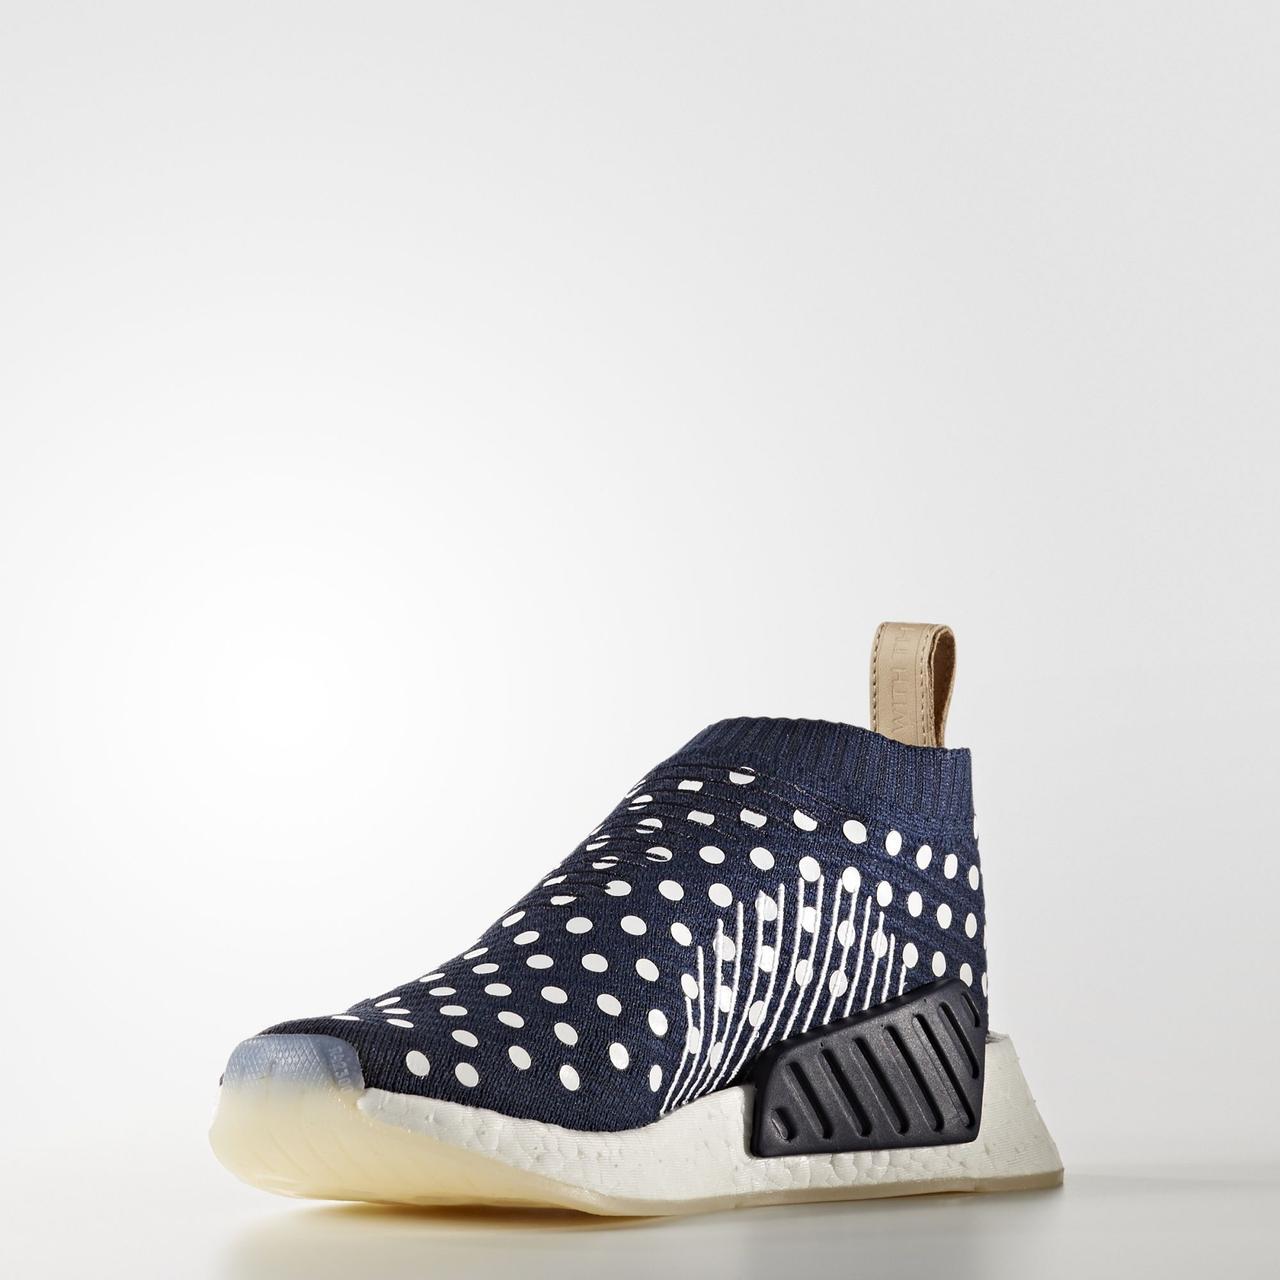 8c1414be5b6e Женские кроссовки Adidas Originals NMD CS2 (Артикул  BA7212) - Адидас  официальный интернет - магазин